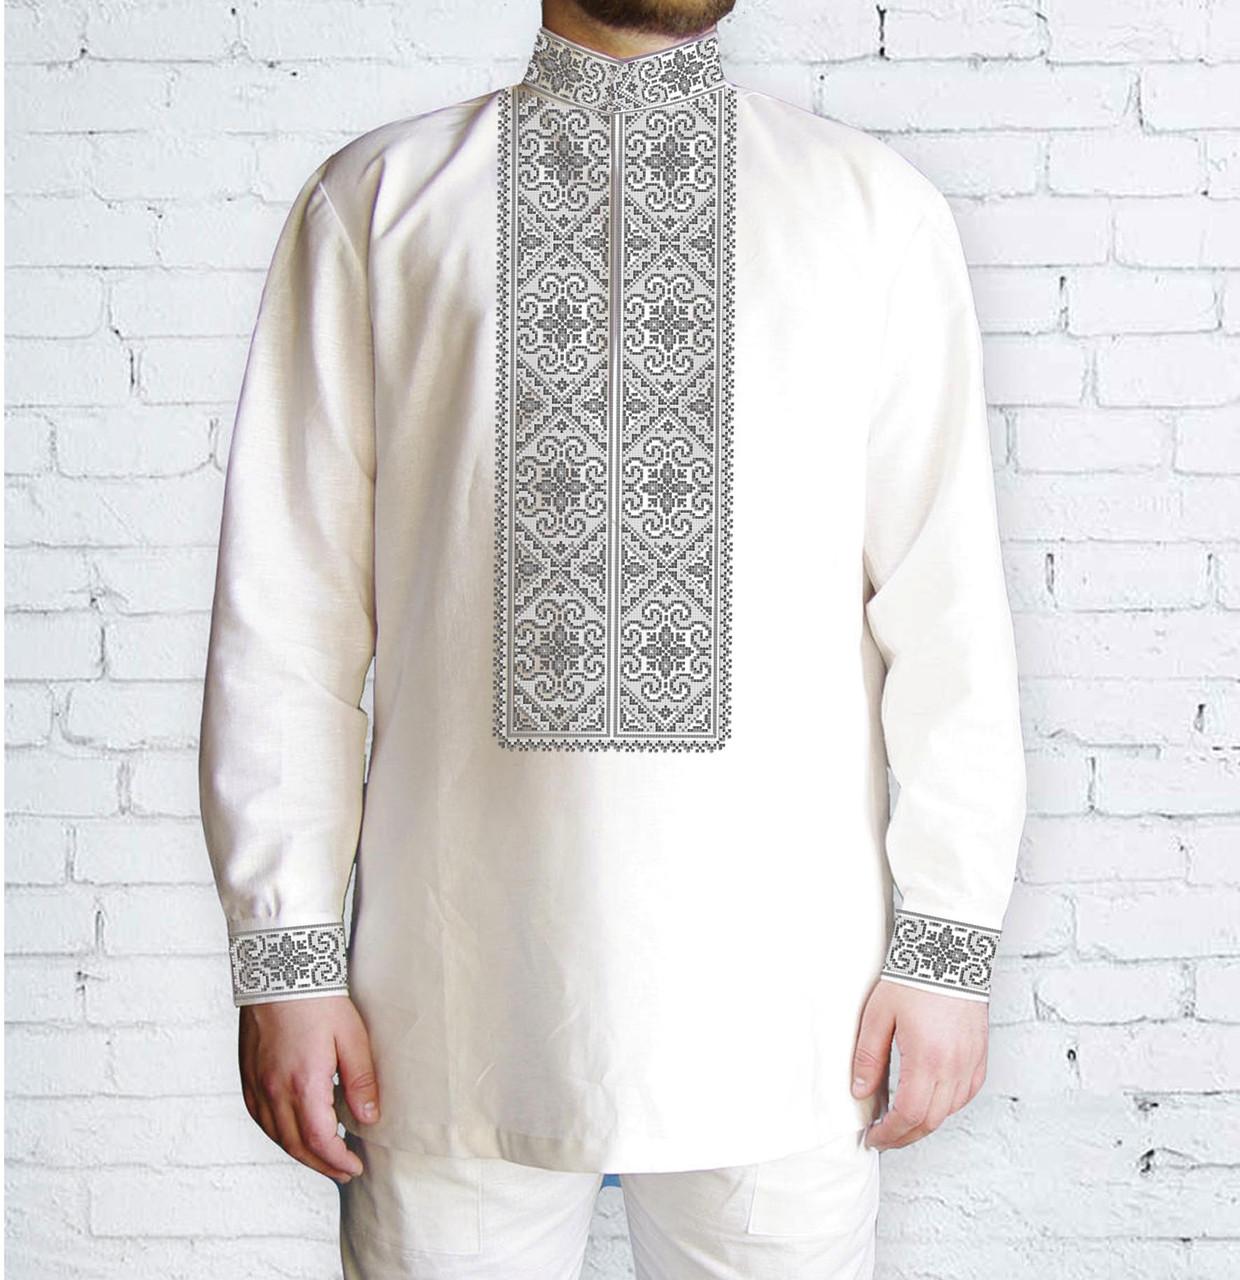 Заготовка чоловічої сорочки та вишиванки для вишивки чи вишивання бісером Бисерок «Орнамент 519 С» (Ч-519 С )